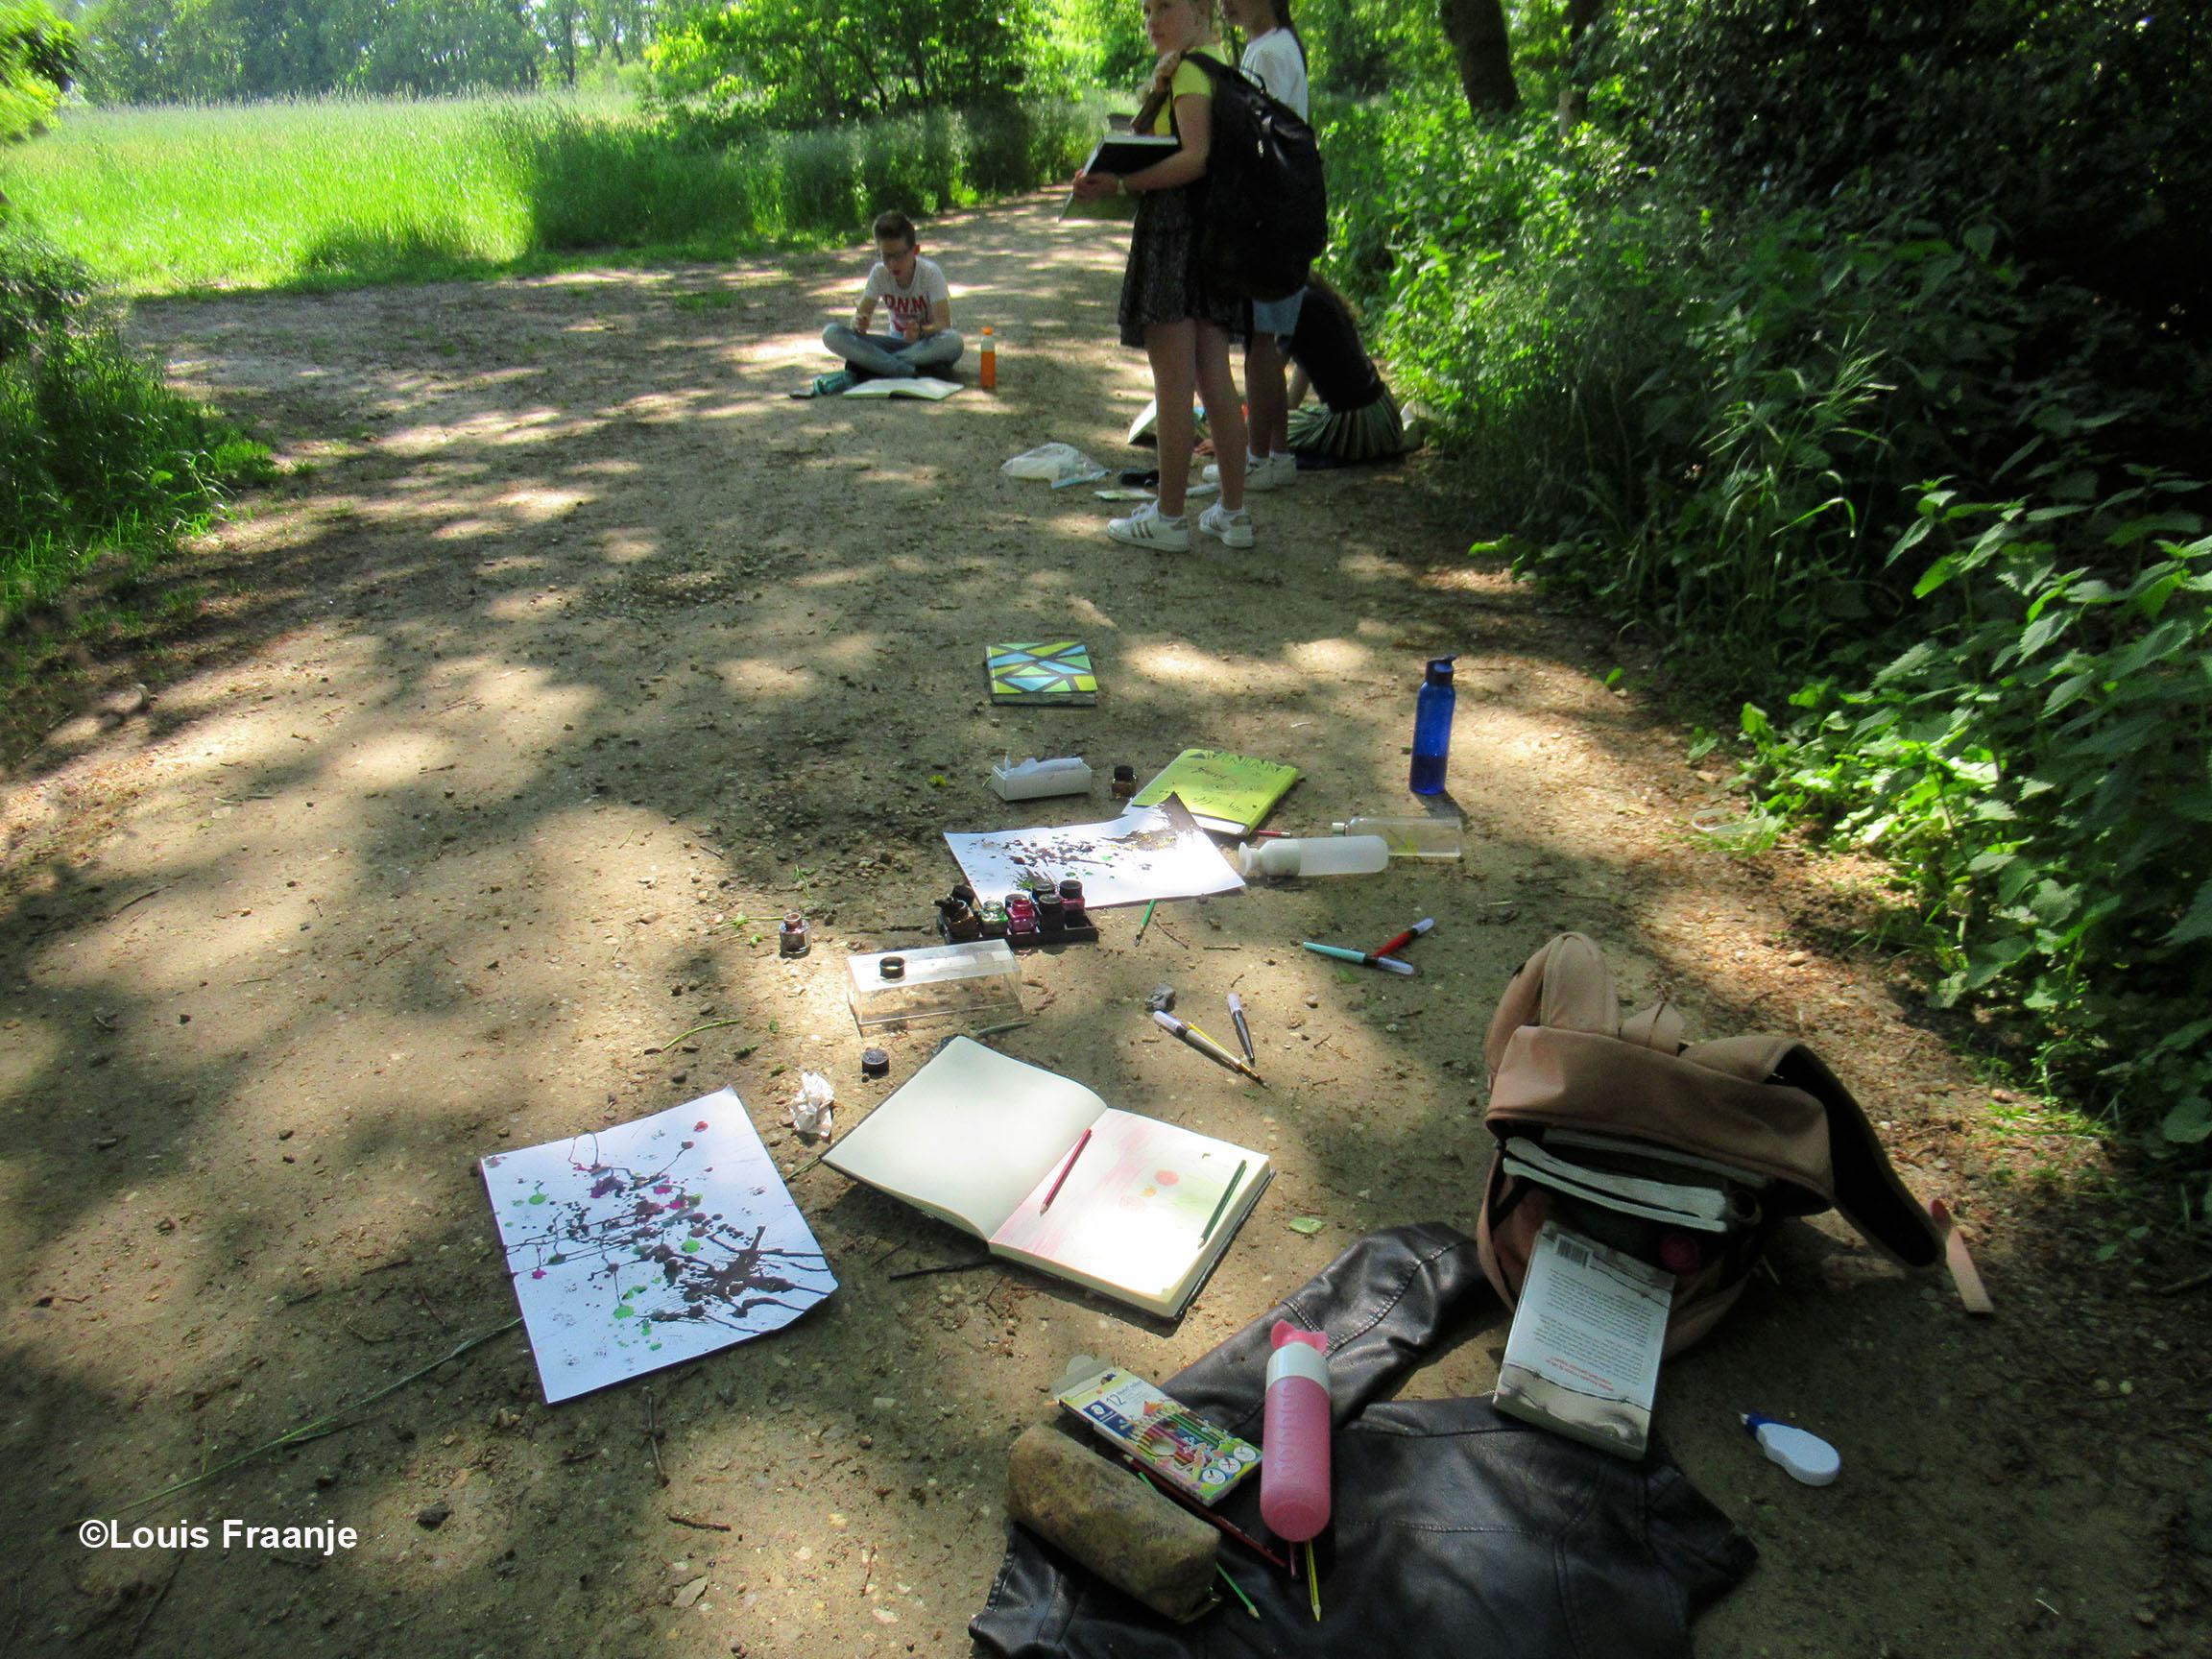 Tekeningen, potloden en penselen plus verf etc. ligt gebruiksklaar op de weg. - Foto: ©Louis Fraanje